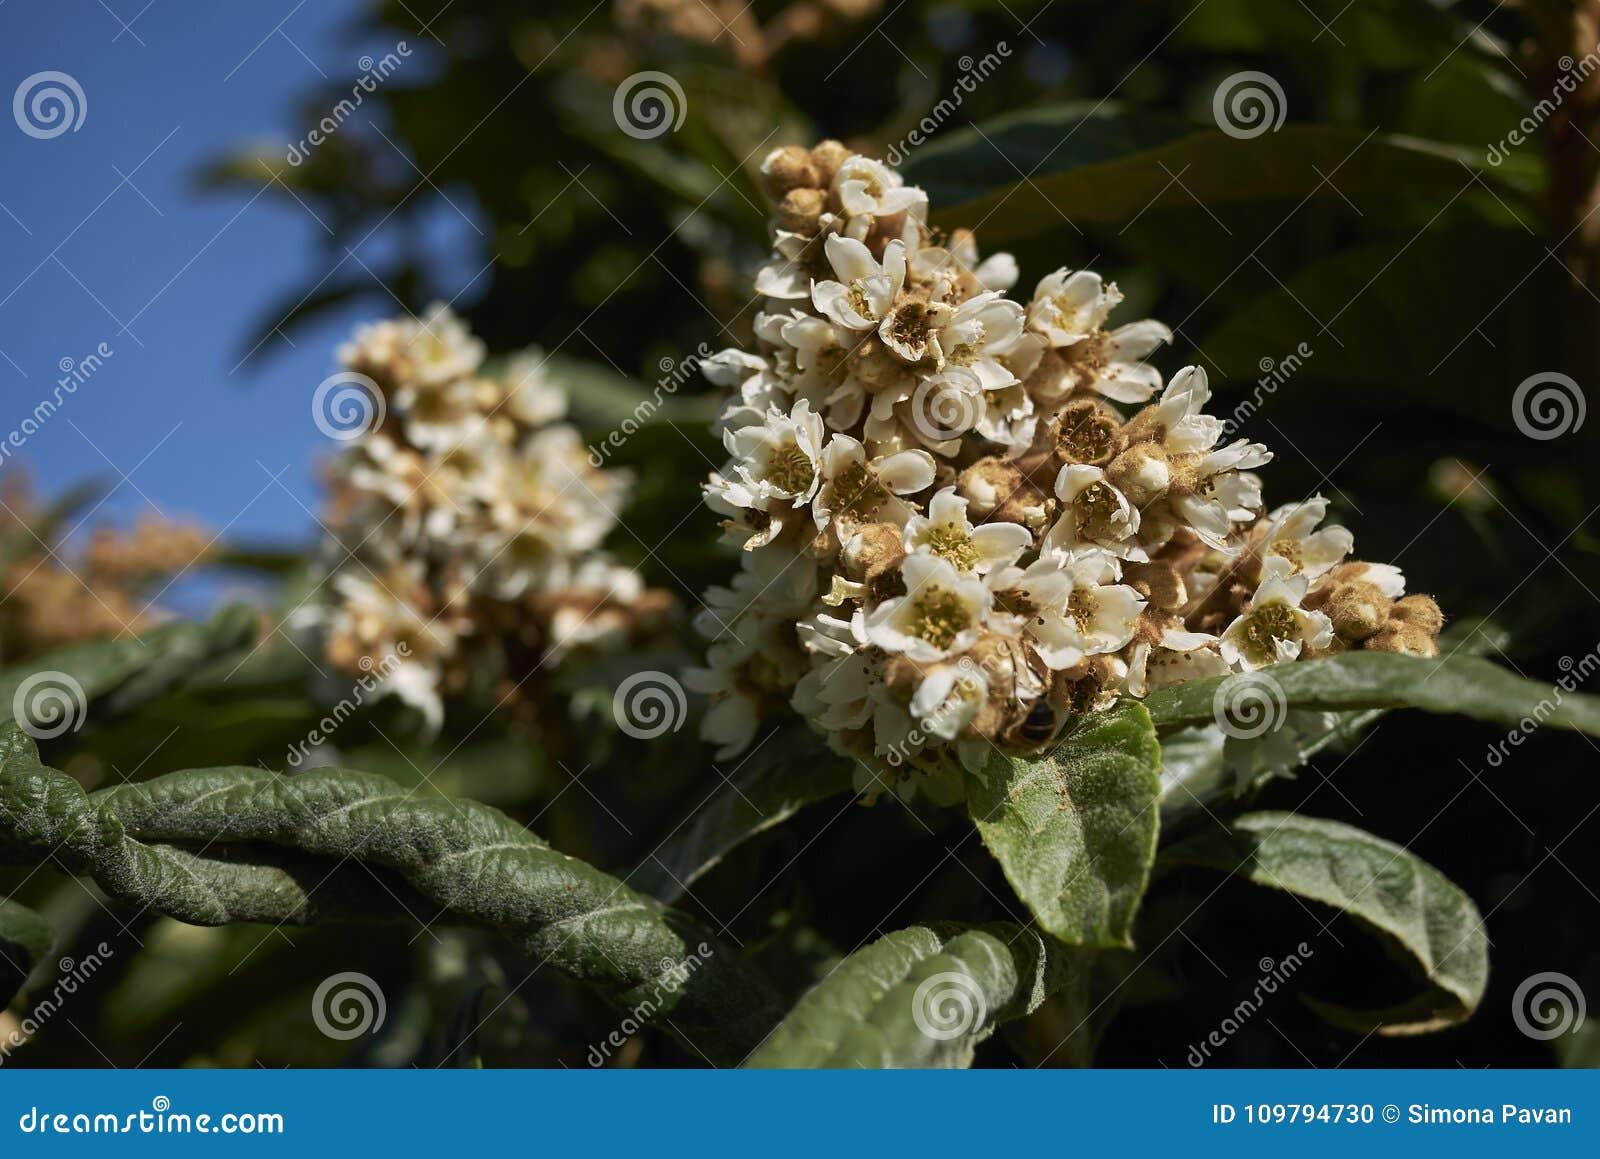 Inflorescencia perfumada del japonica del Eriobotrya